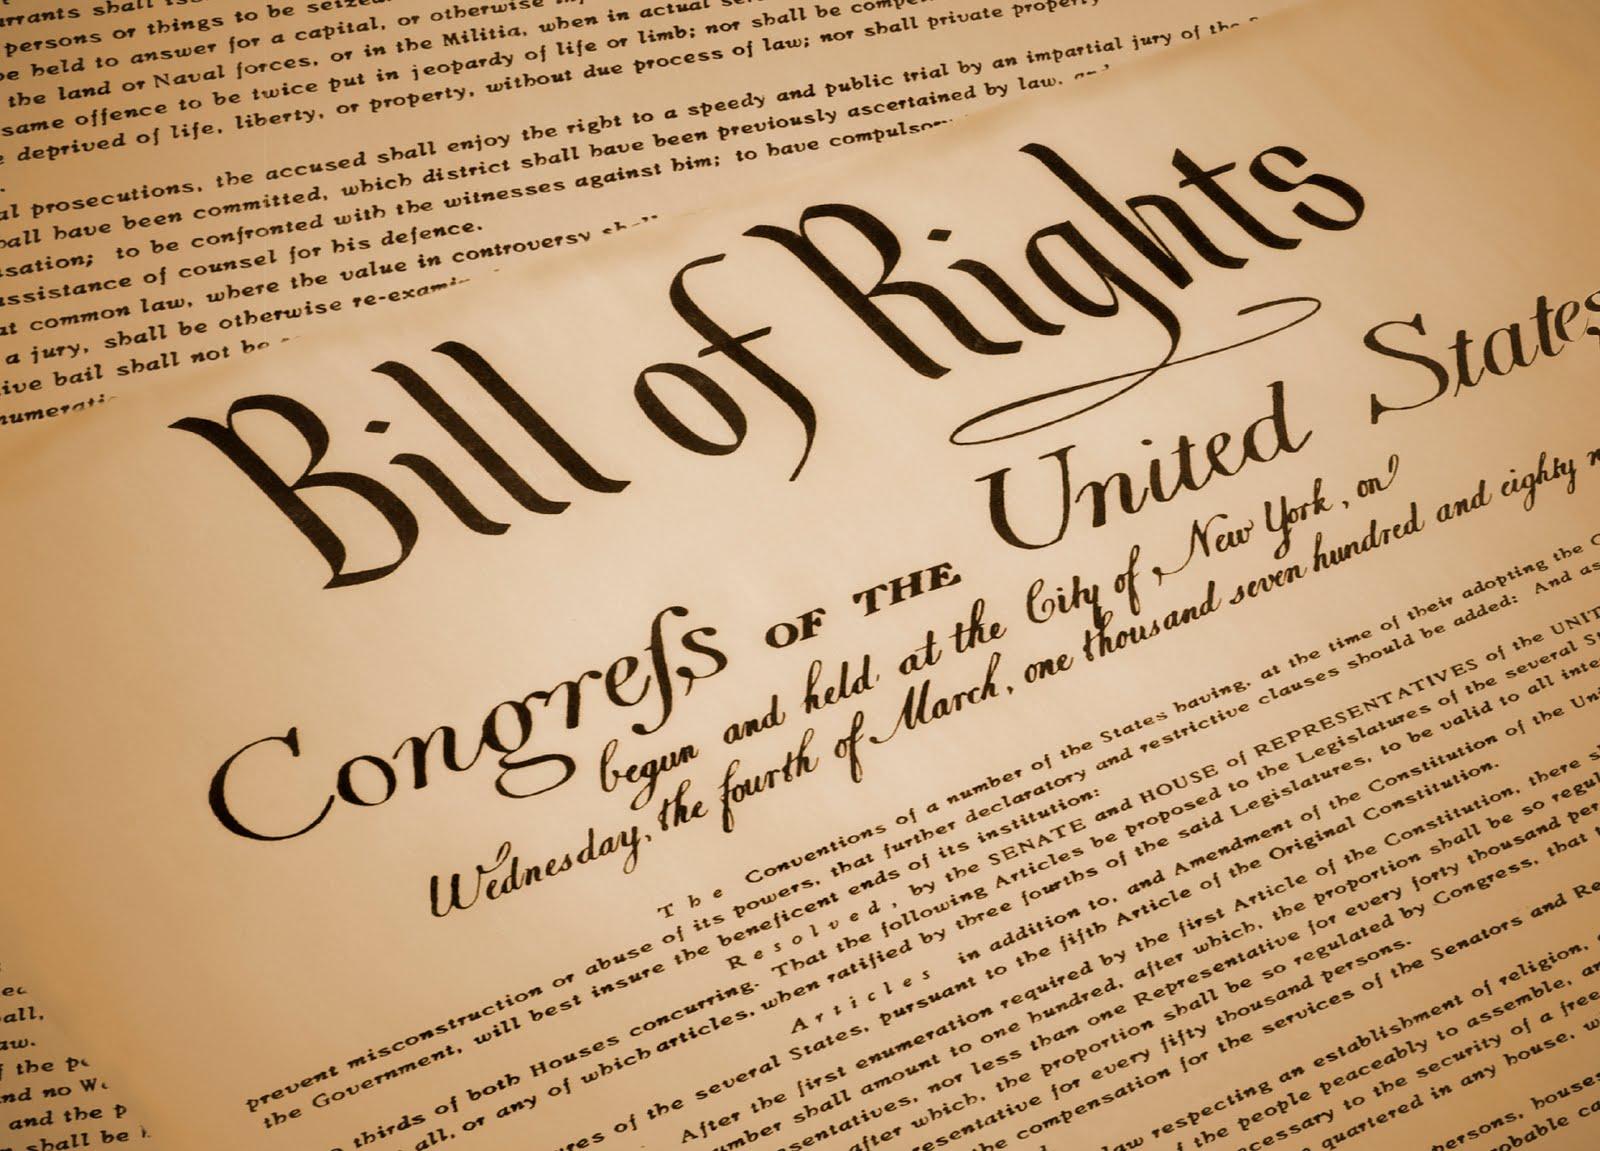 bill_of_rights.jpg